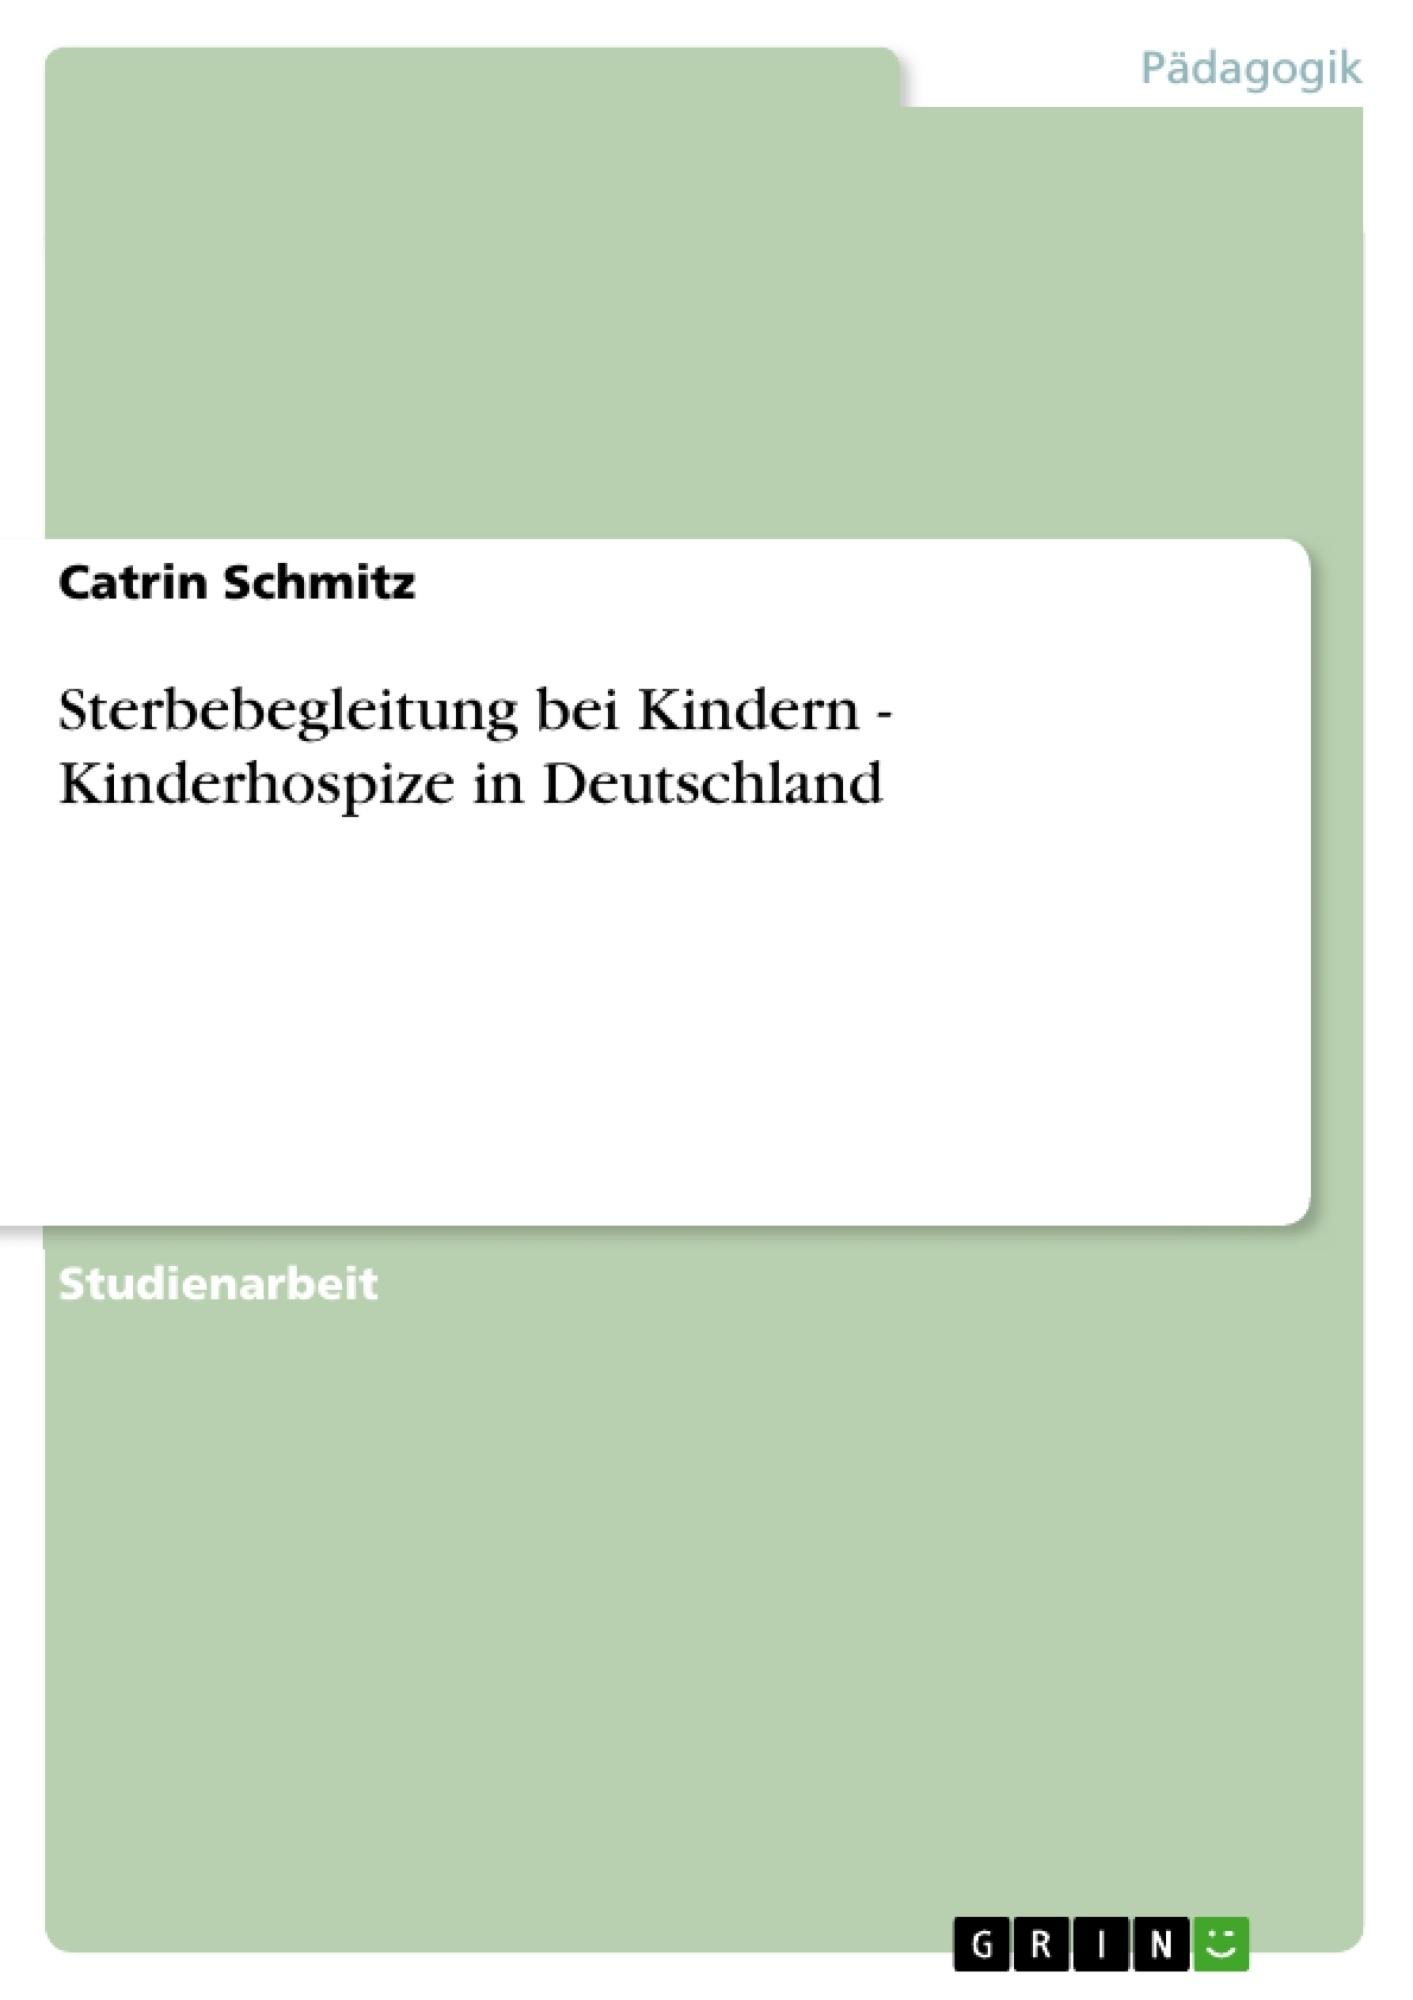 Titel: Sterbebegleitung bei Kindern - Kinderhospize in Deutschland